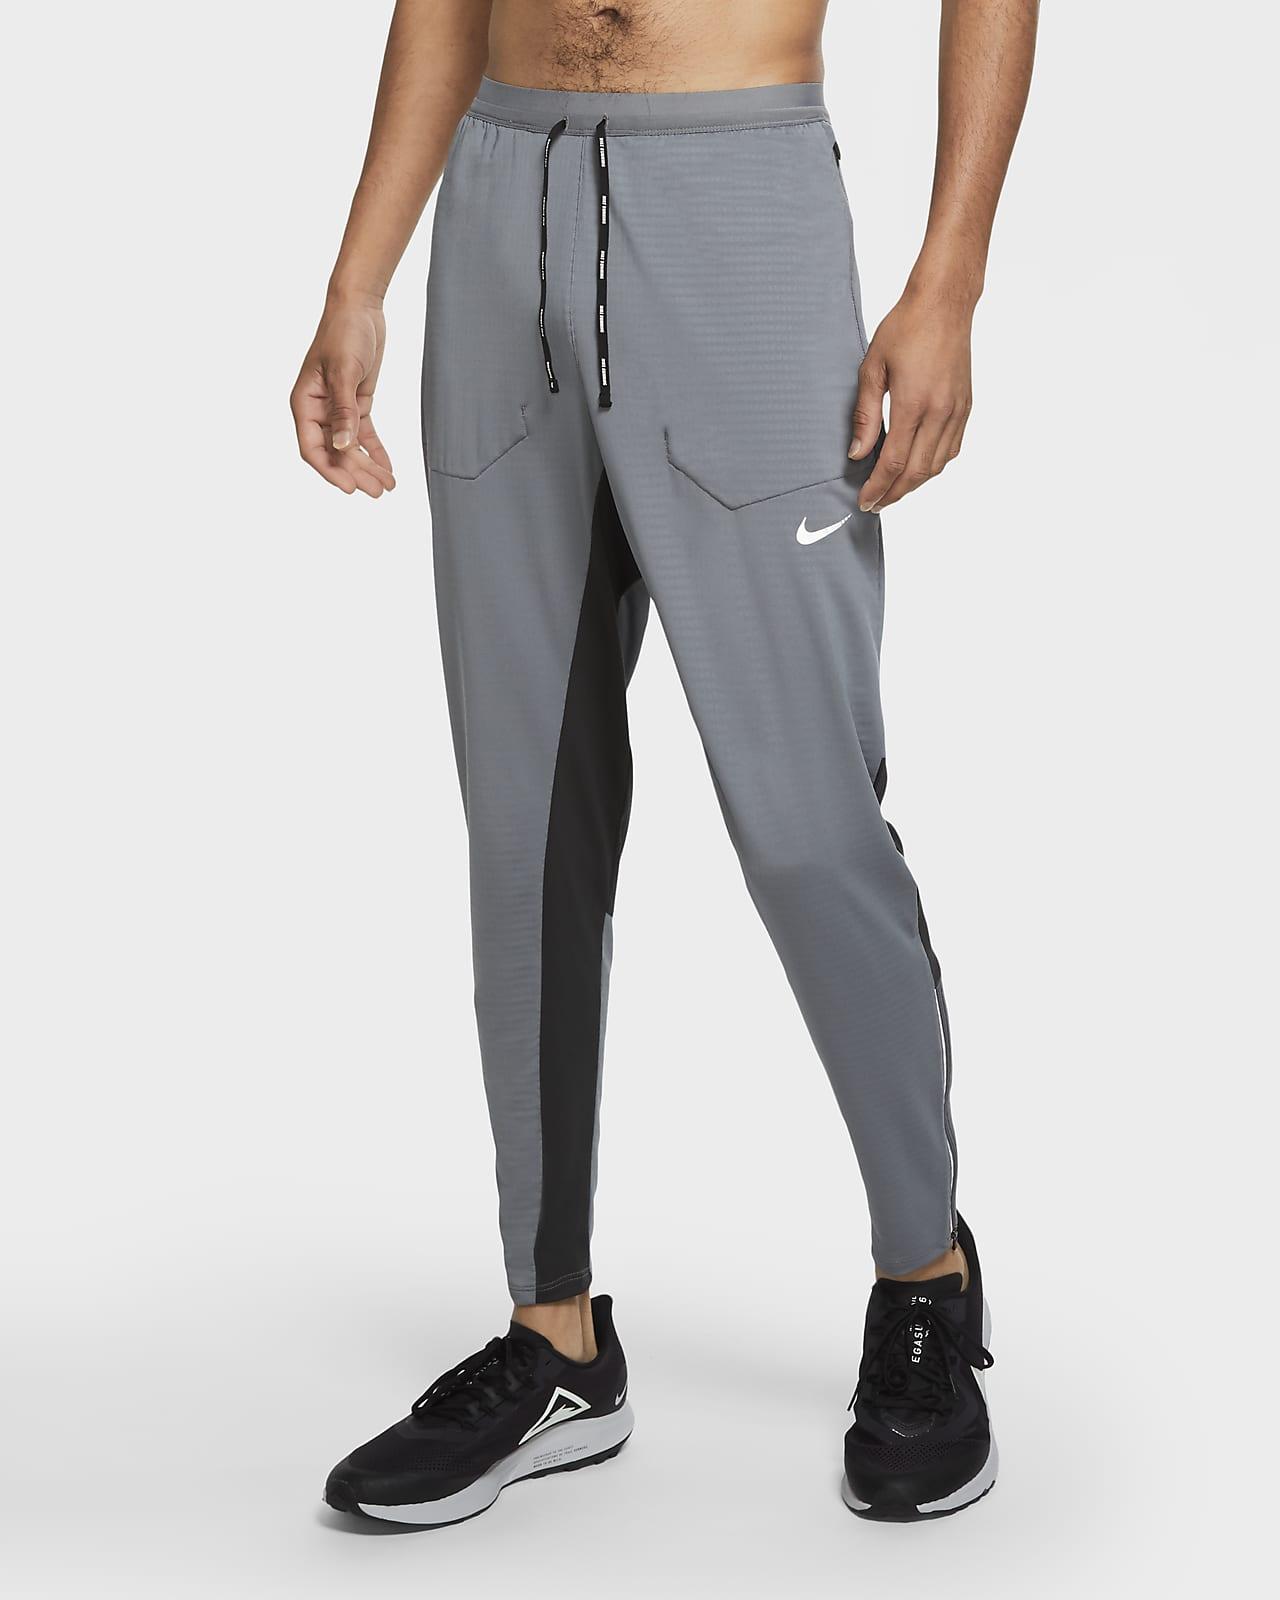 Nike Phenom Elite Men's Knit Running Pants